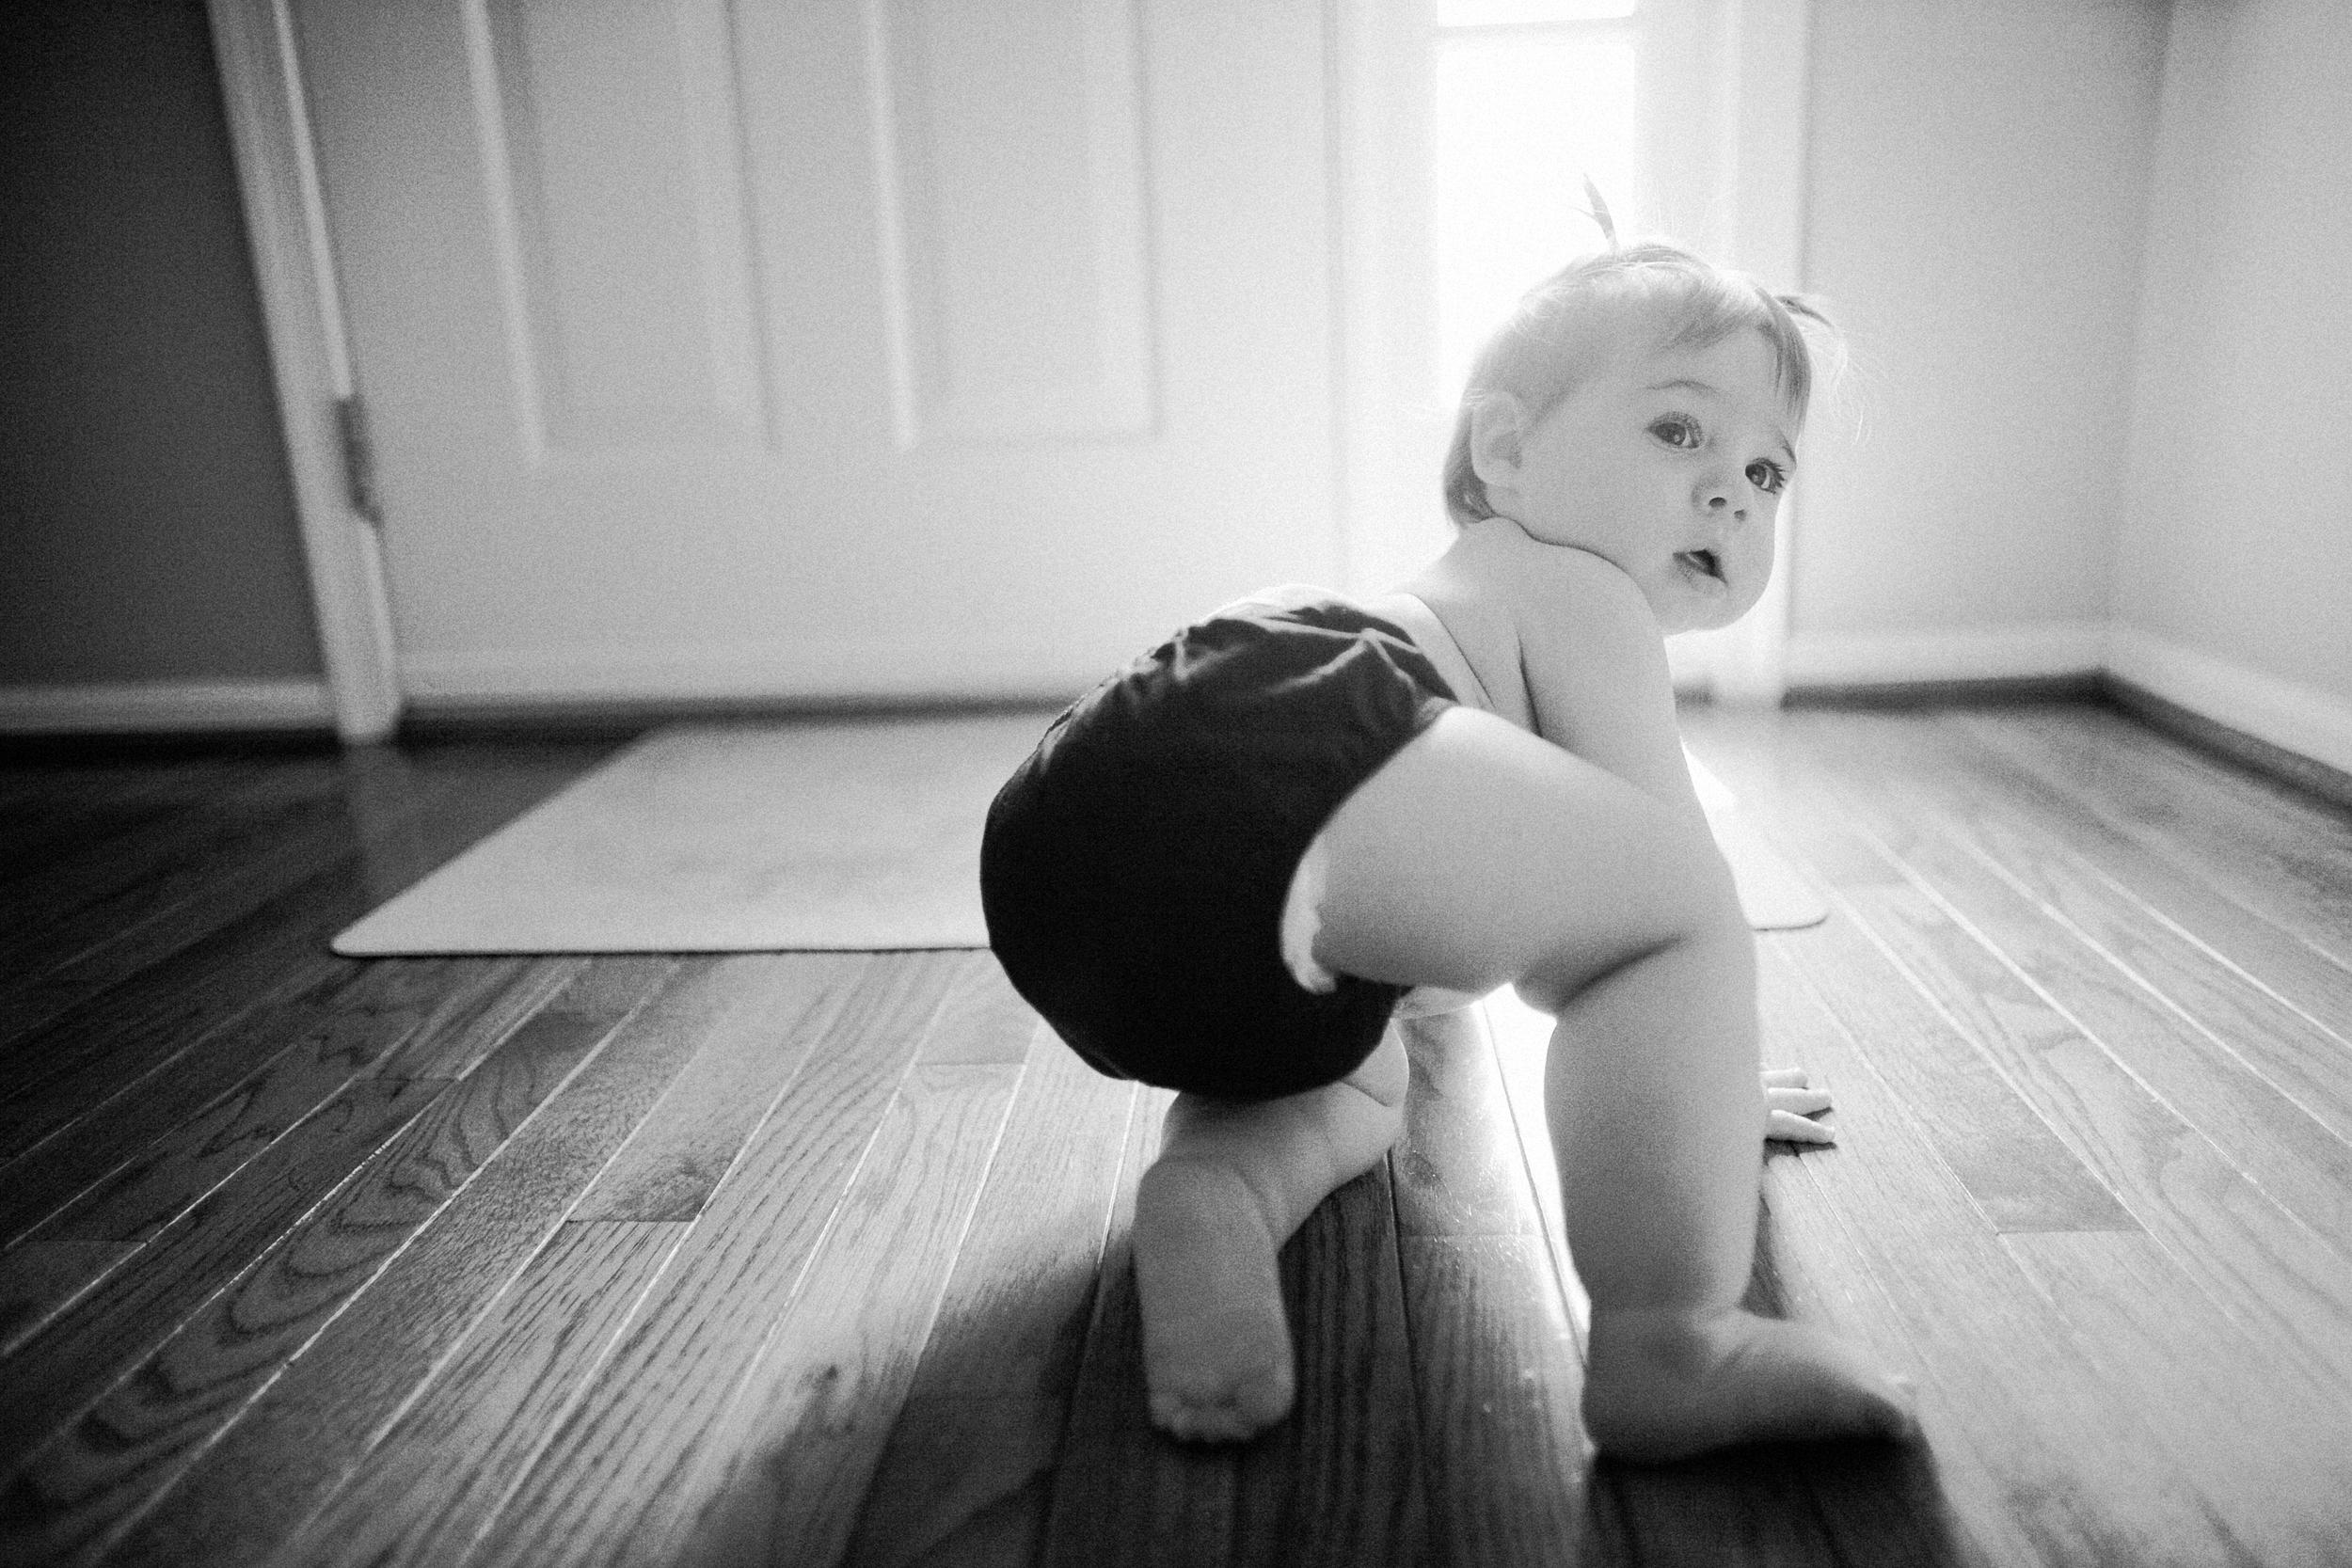 San Antonio baby photographer